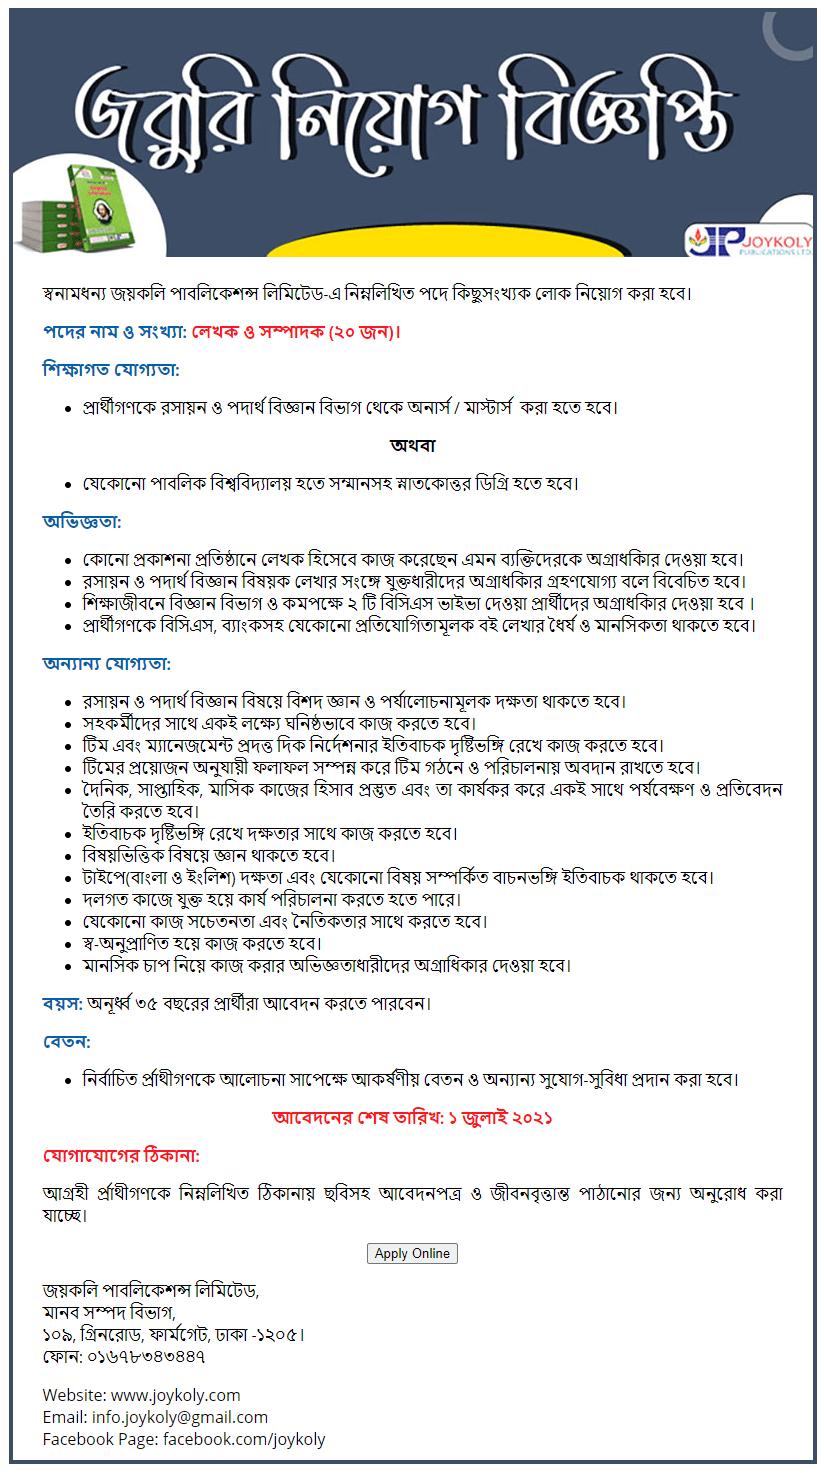 Joykoly Publications Job Circular 2021